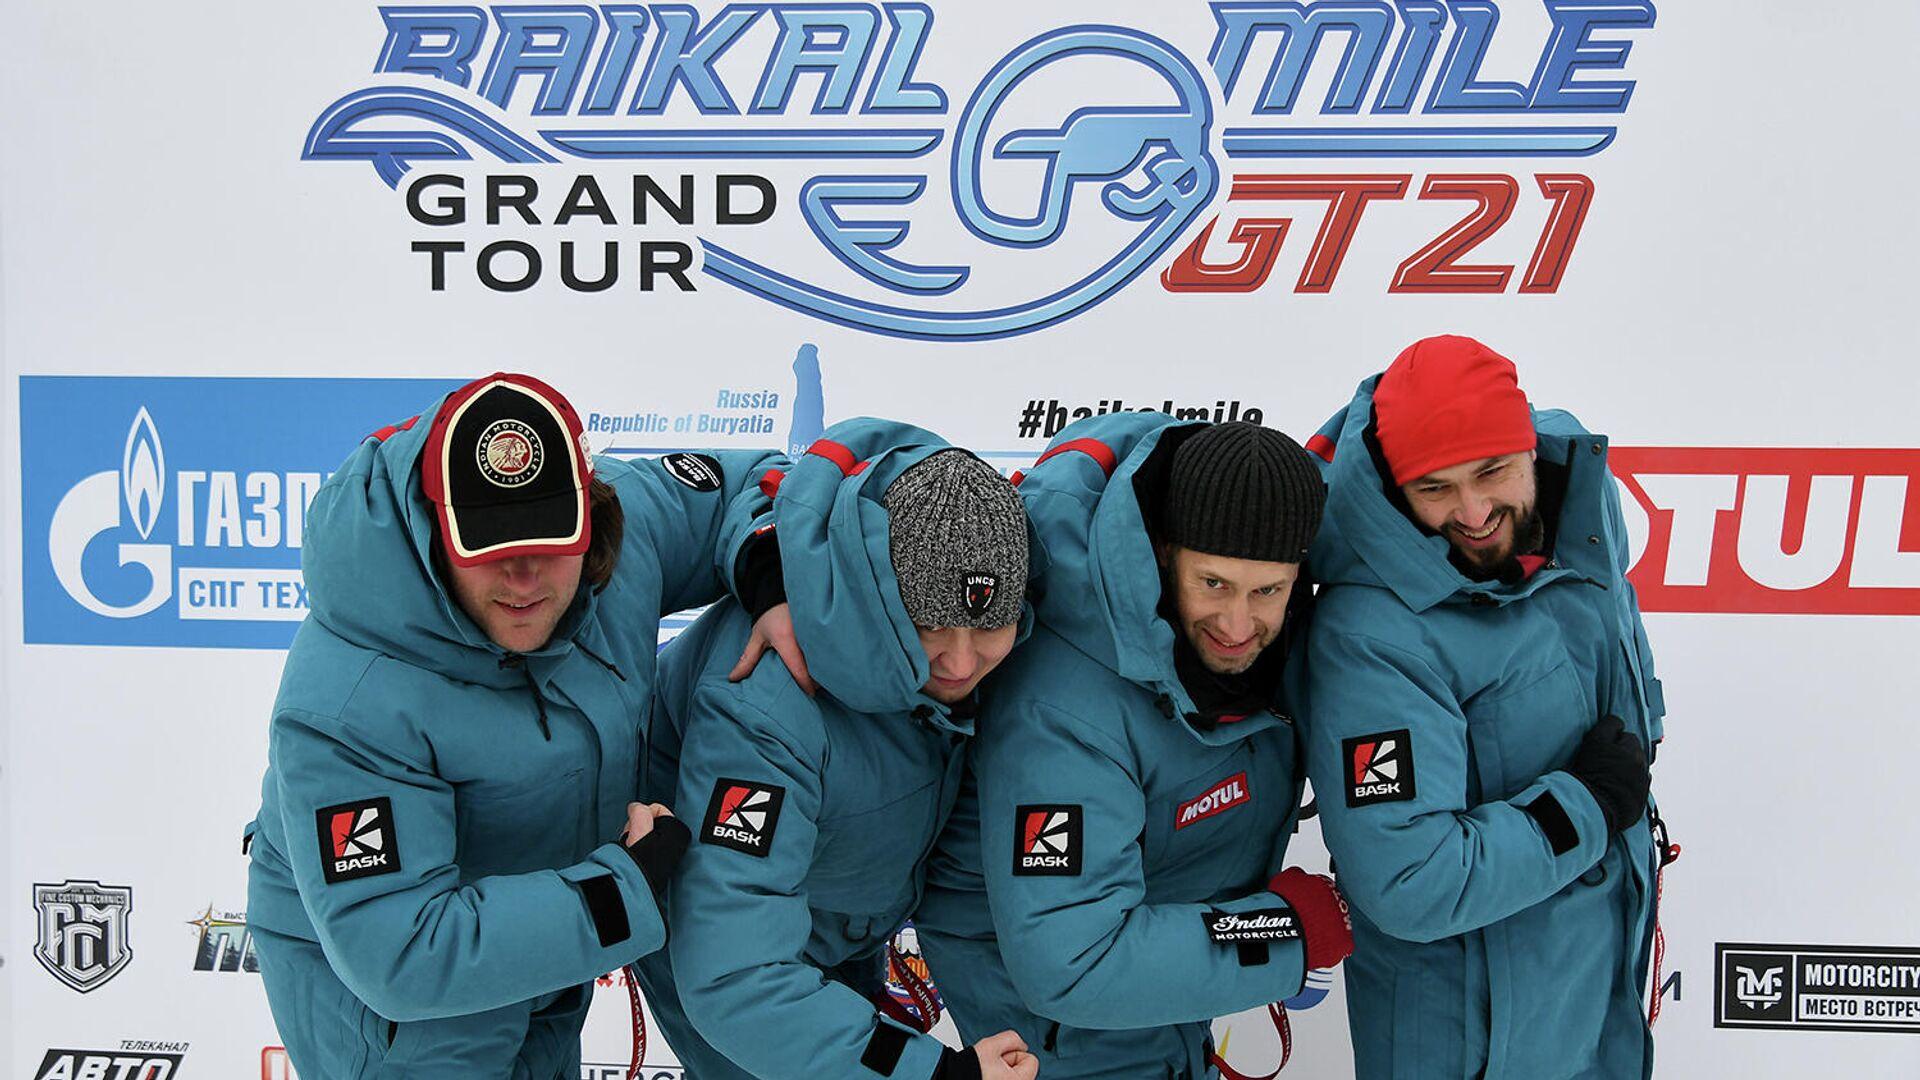 Участники гранд-тура Байкальская миля - РИА Новости, 1920, 20.02.2021